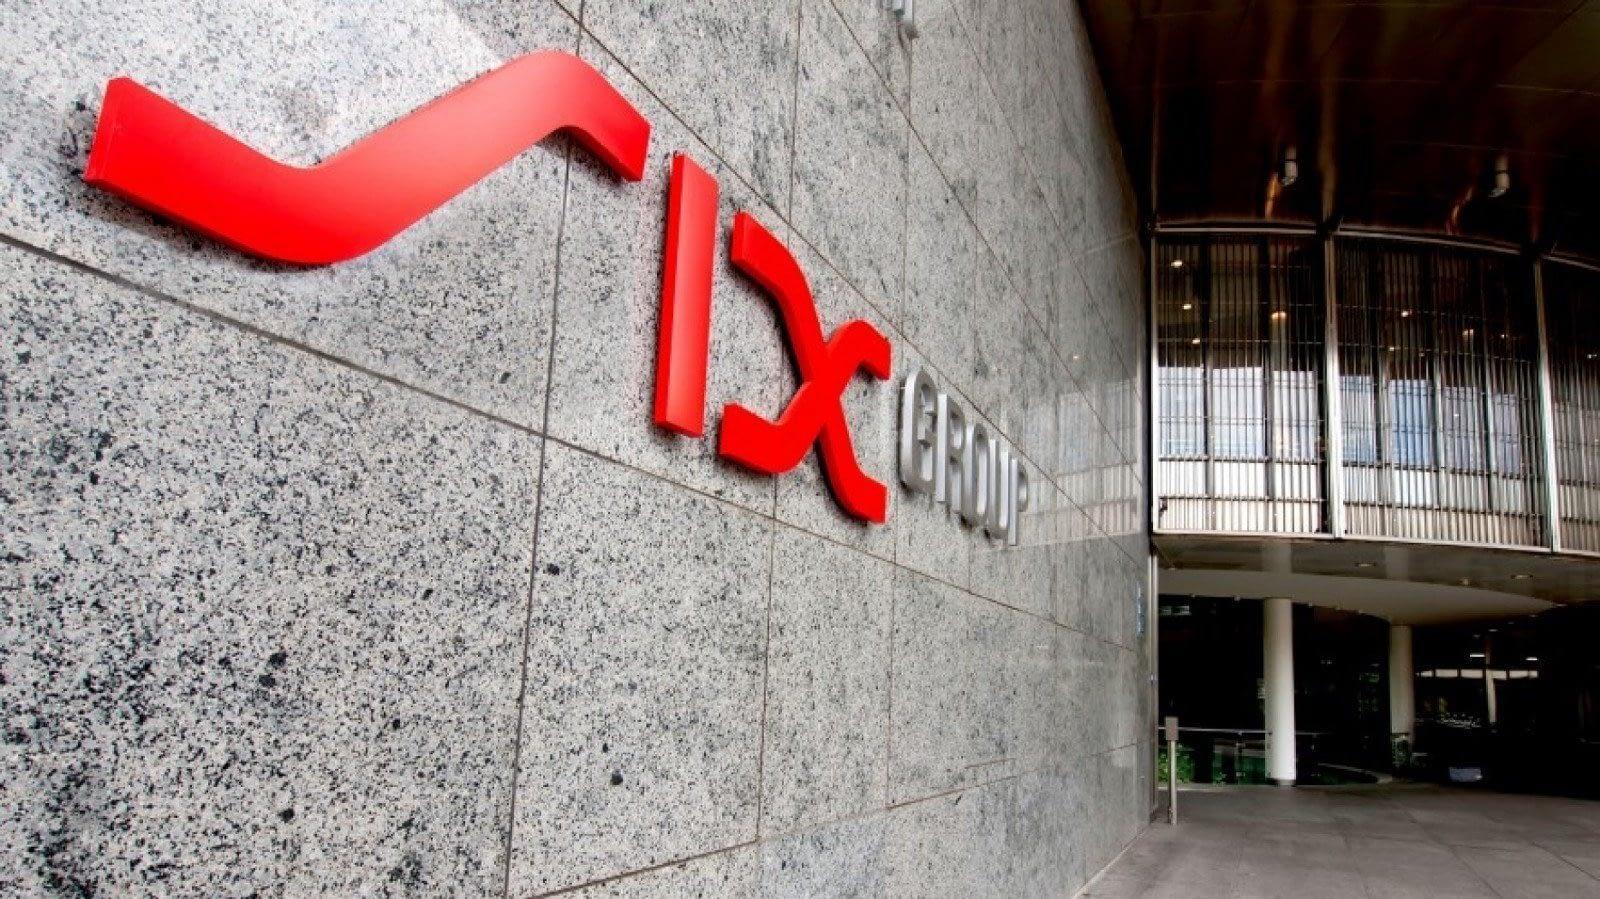 """البورصة السويسرية """"SIX"""" تحصل على الموافقة التنظيمية لإطلاق البورصة الرقمية"""